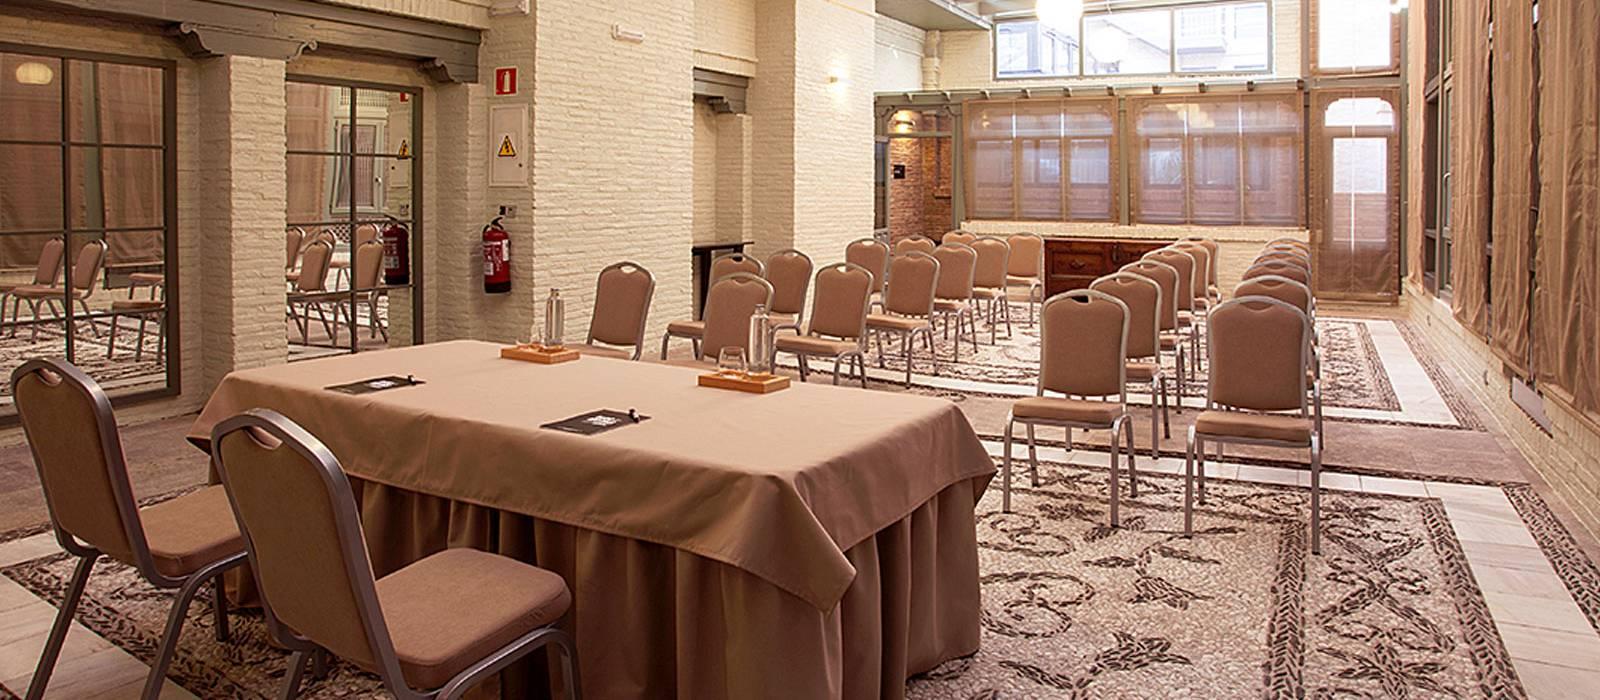 Réunions et événements Hôtel Grenade Albayzín- Vincci Hoteles